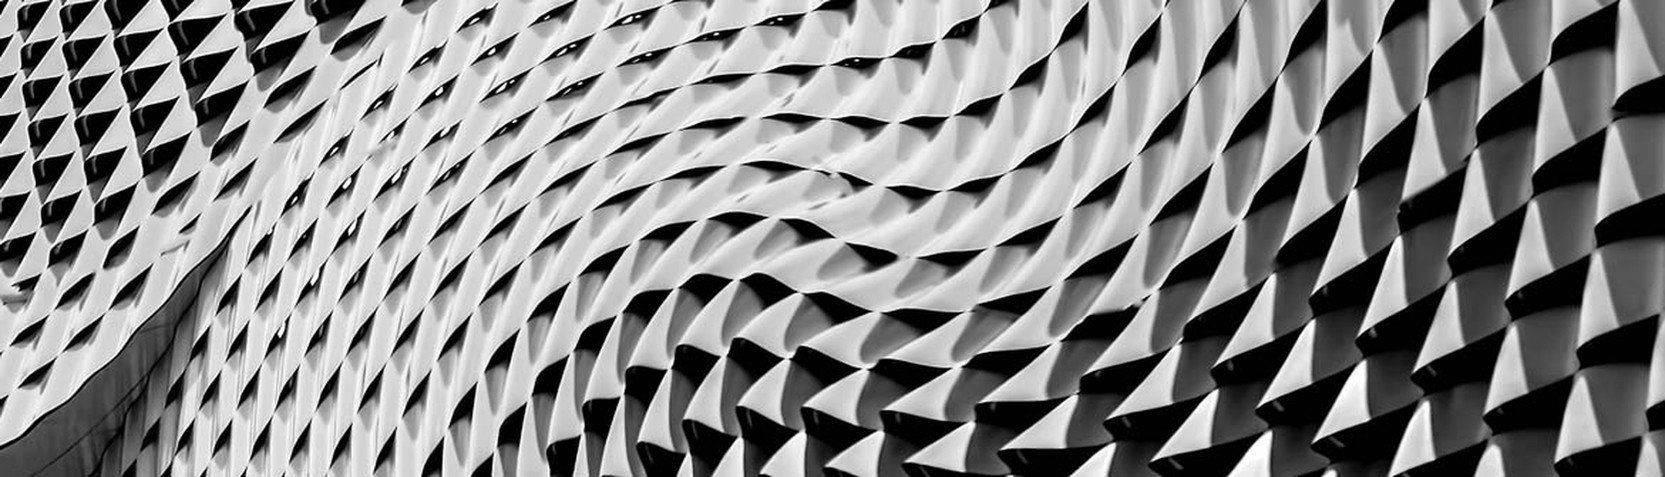 Fotografía - Fotografía abstracta